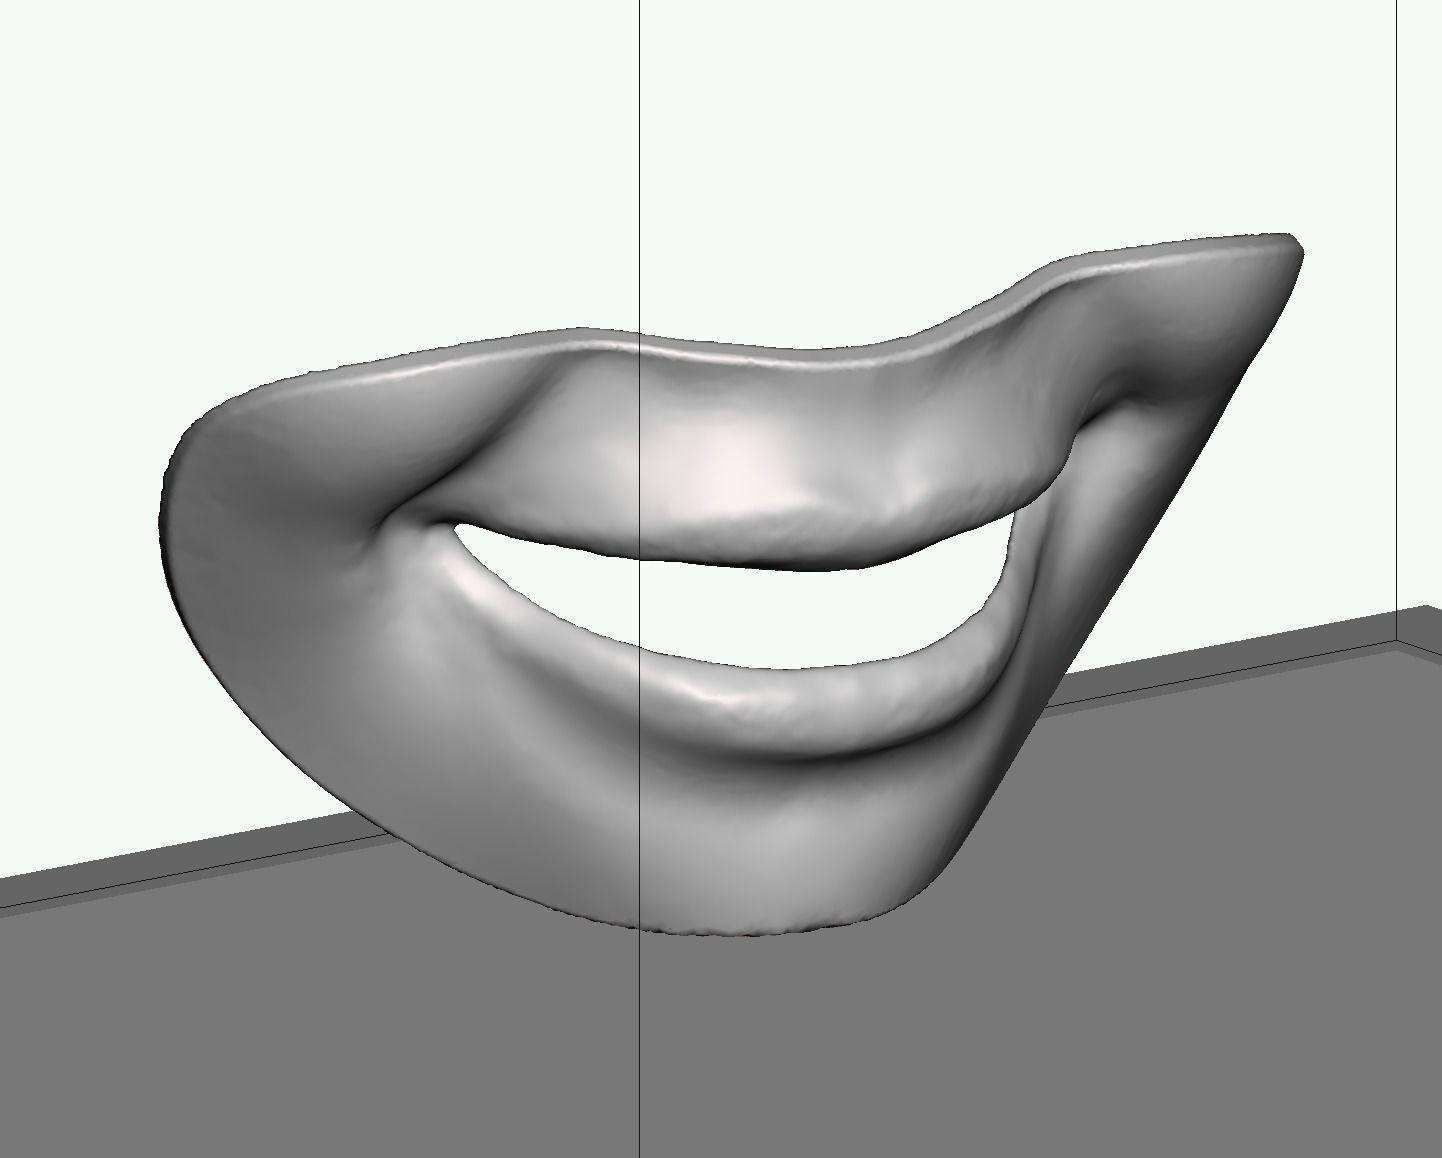 Smile line checker lip plate